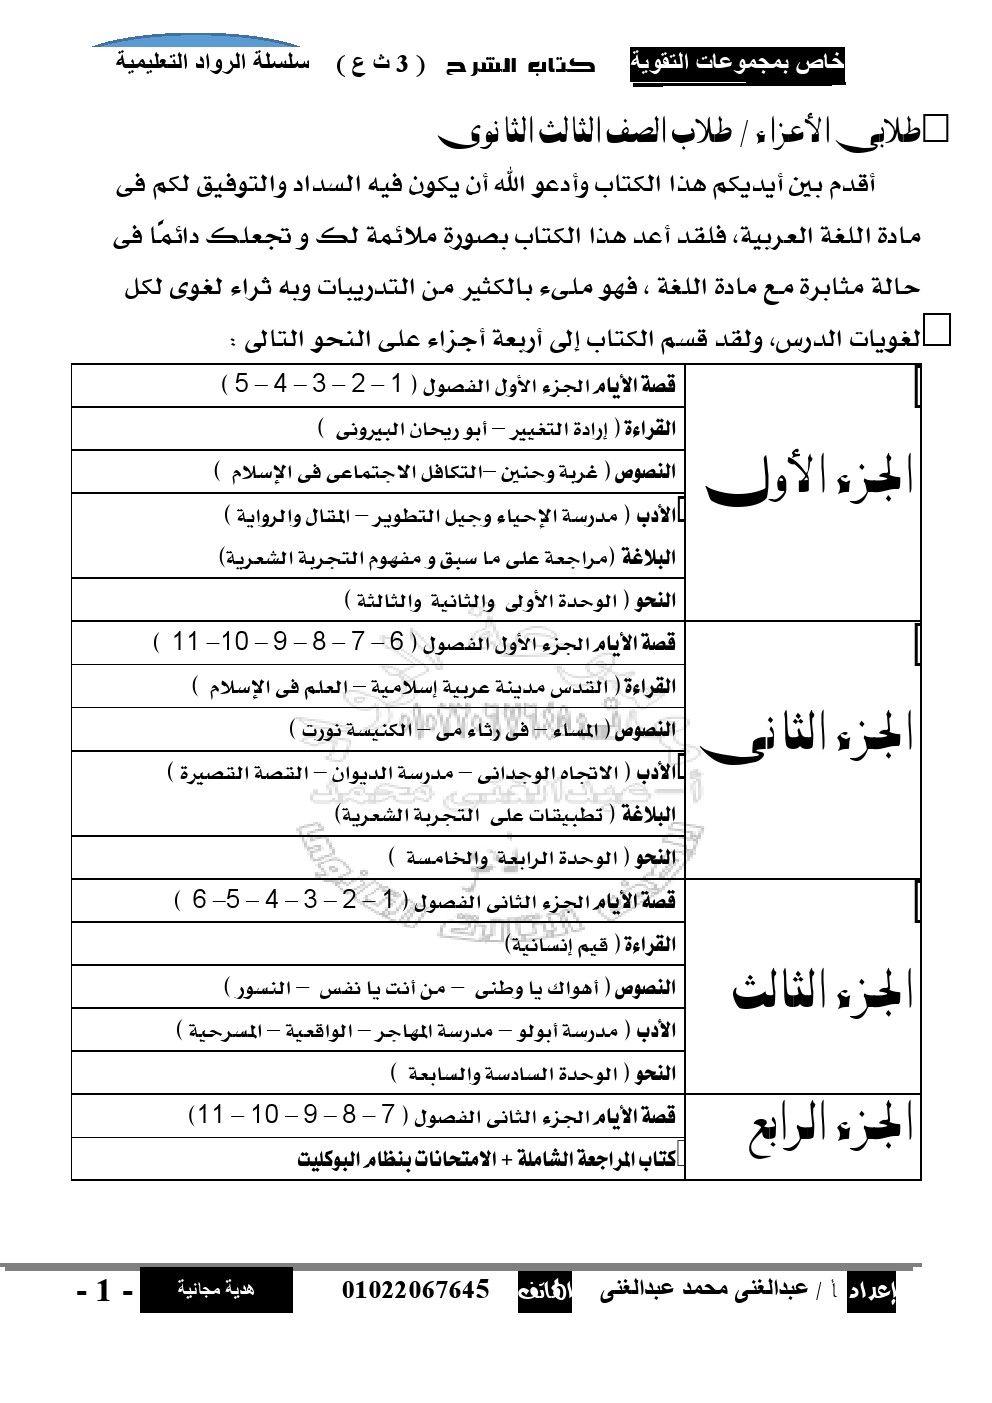 سلسلة الرواد التعليمية في اللغة العربية للصف الثالث الثانوى 2019 Sheet Music Music